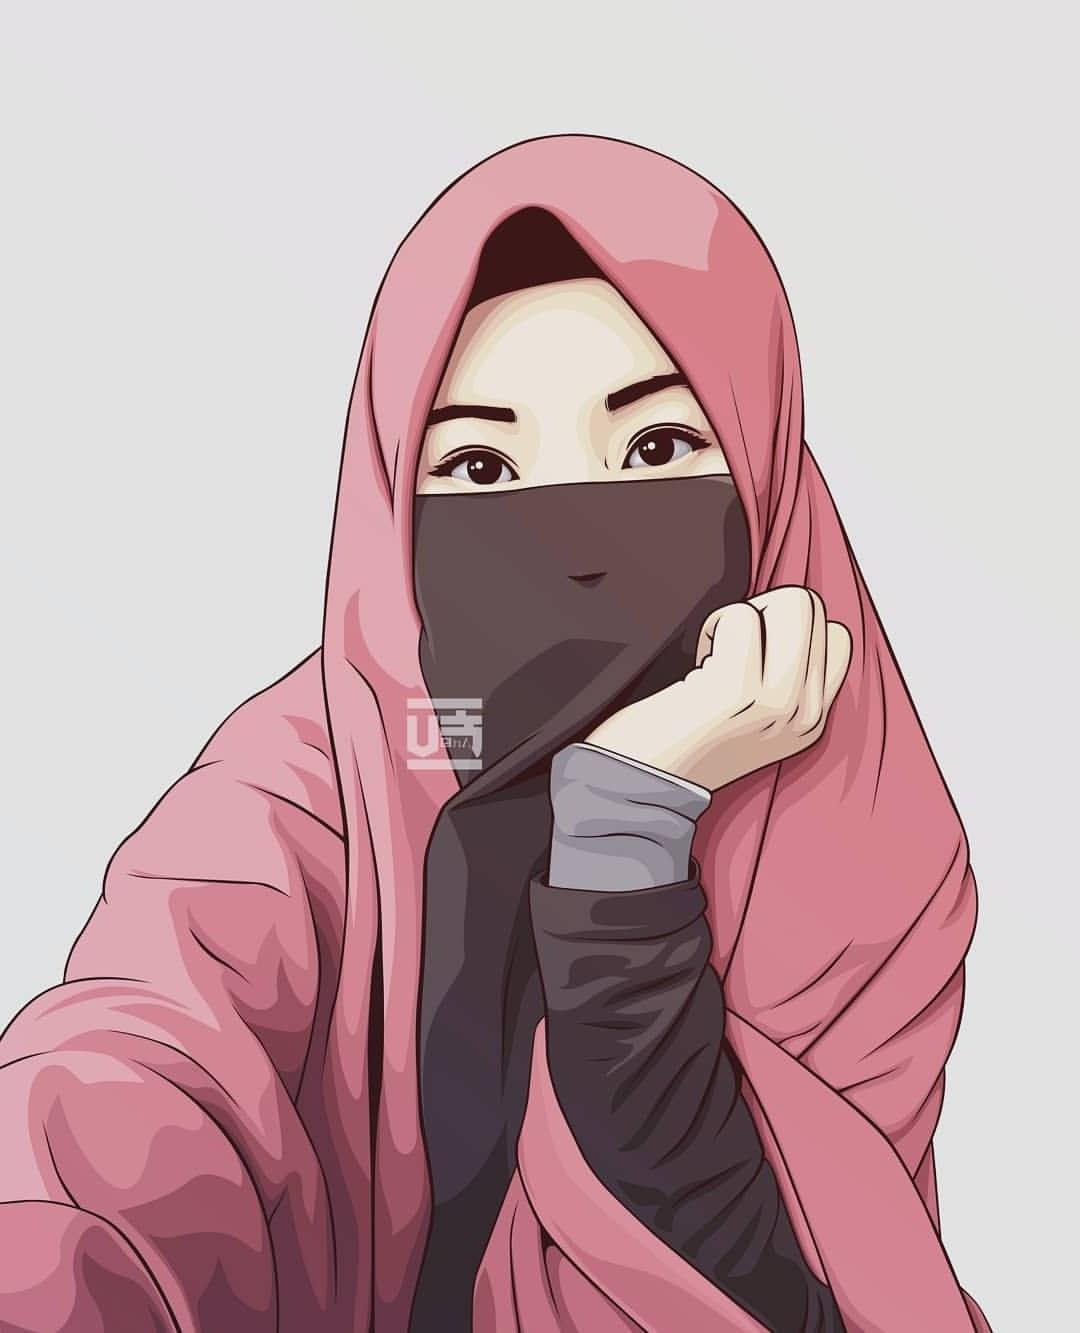 Design Muslimah Bercadar Memanah 4pde 1000 Gambar Kartun Muslimah Cantik Bercadar Kacamata El